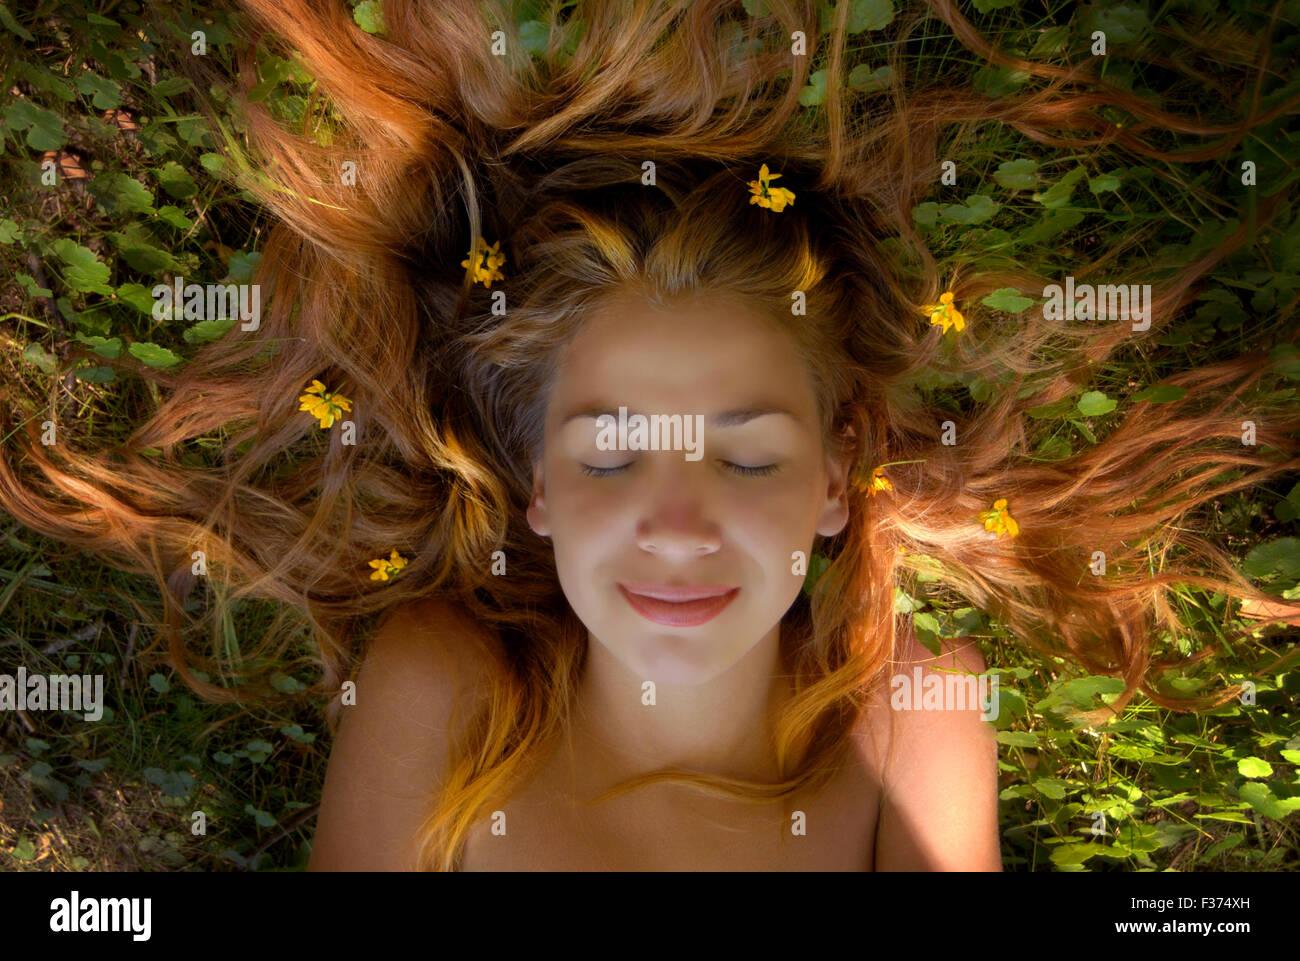 schöne Mädchen blonde lange Haare in der Wiese mit Blumen im Kopf Stockbild